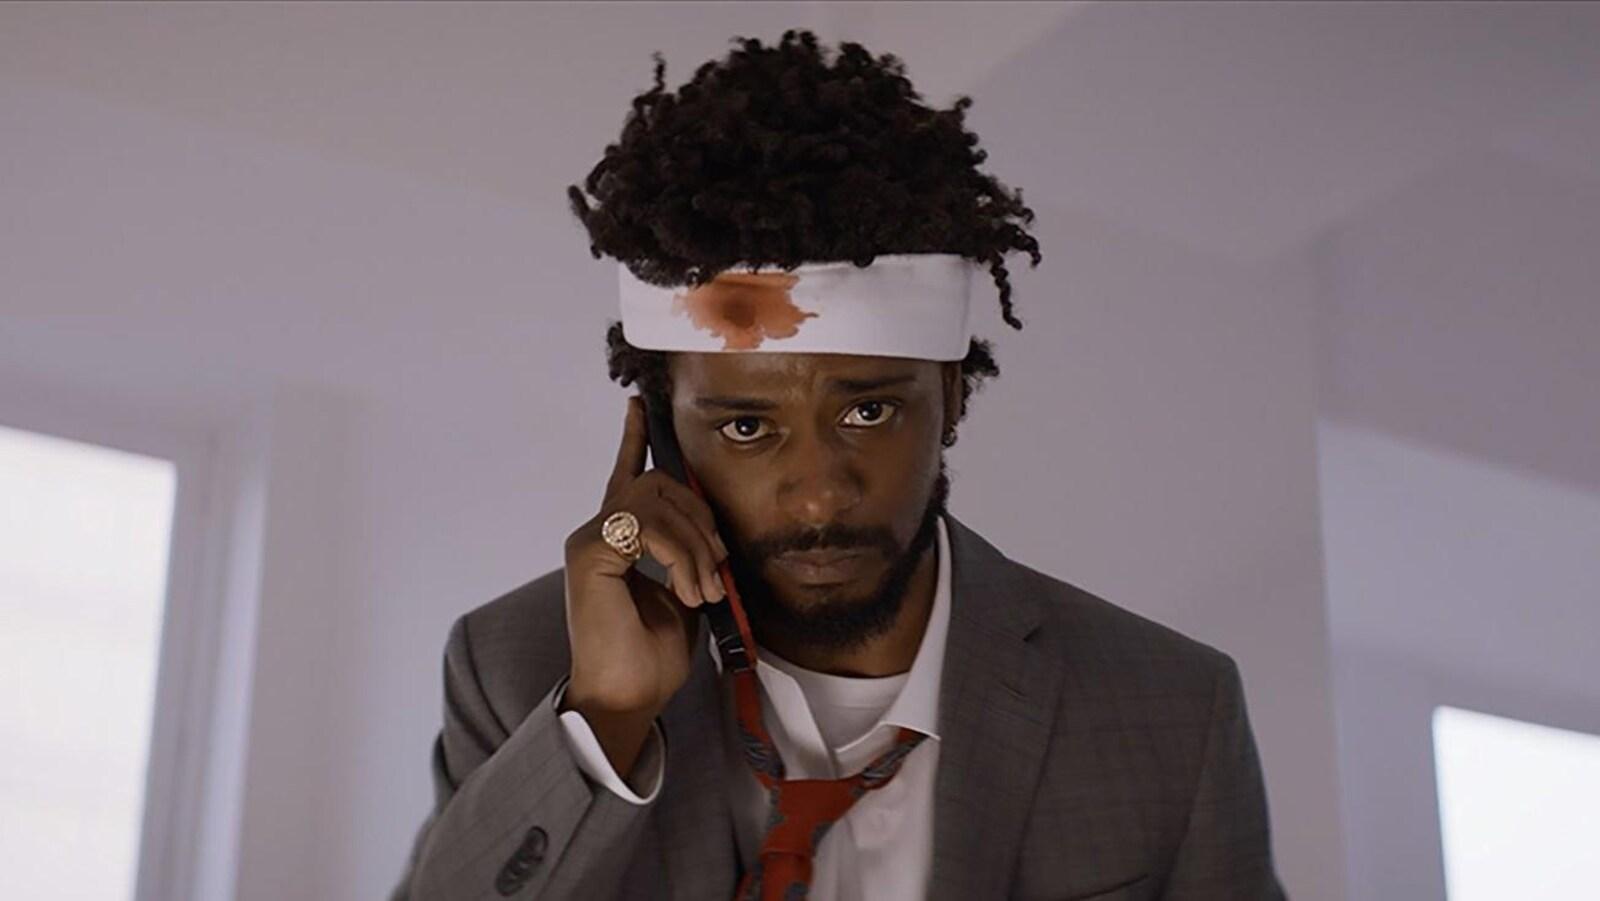 Lakeith Stanfield est en train de téléphoner adans le film «Sorry to Bother You».